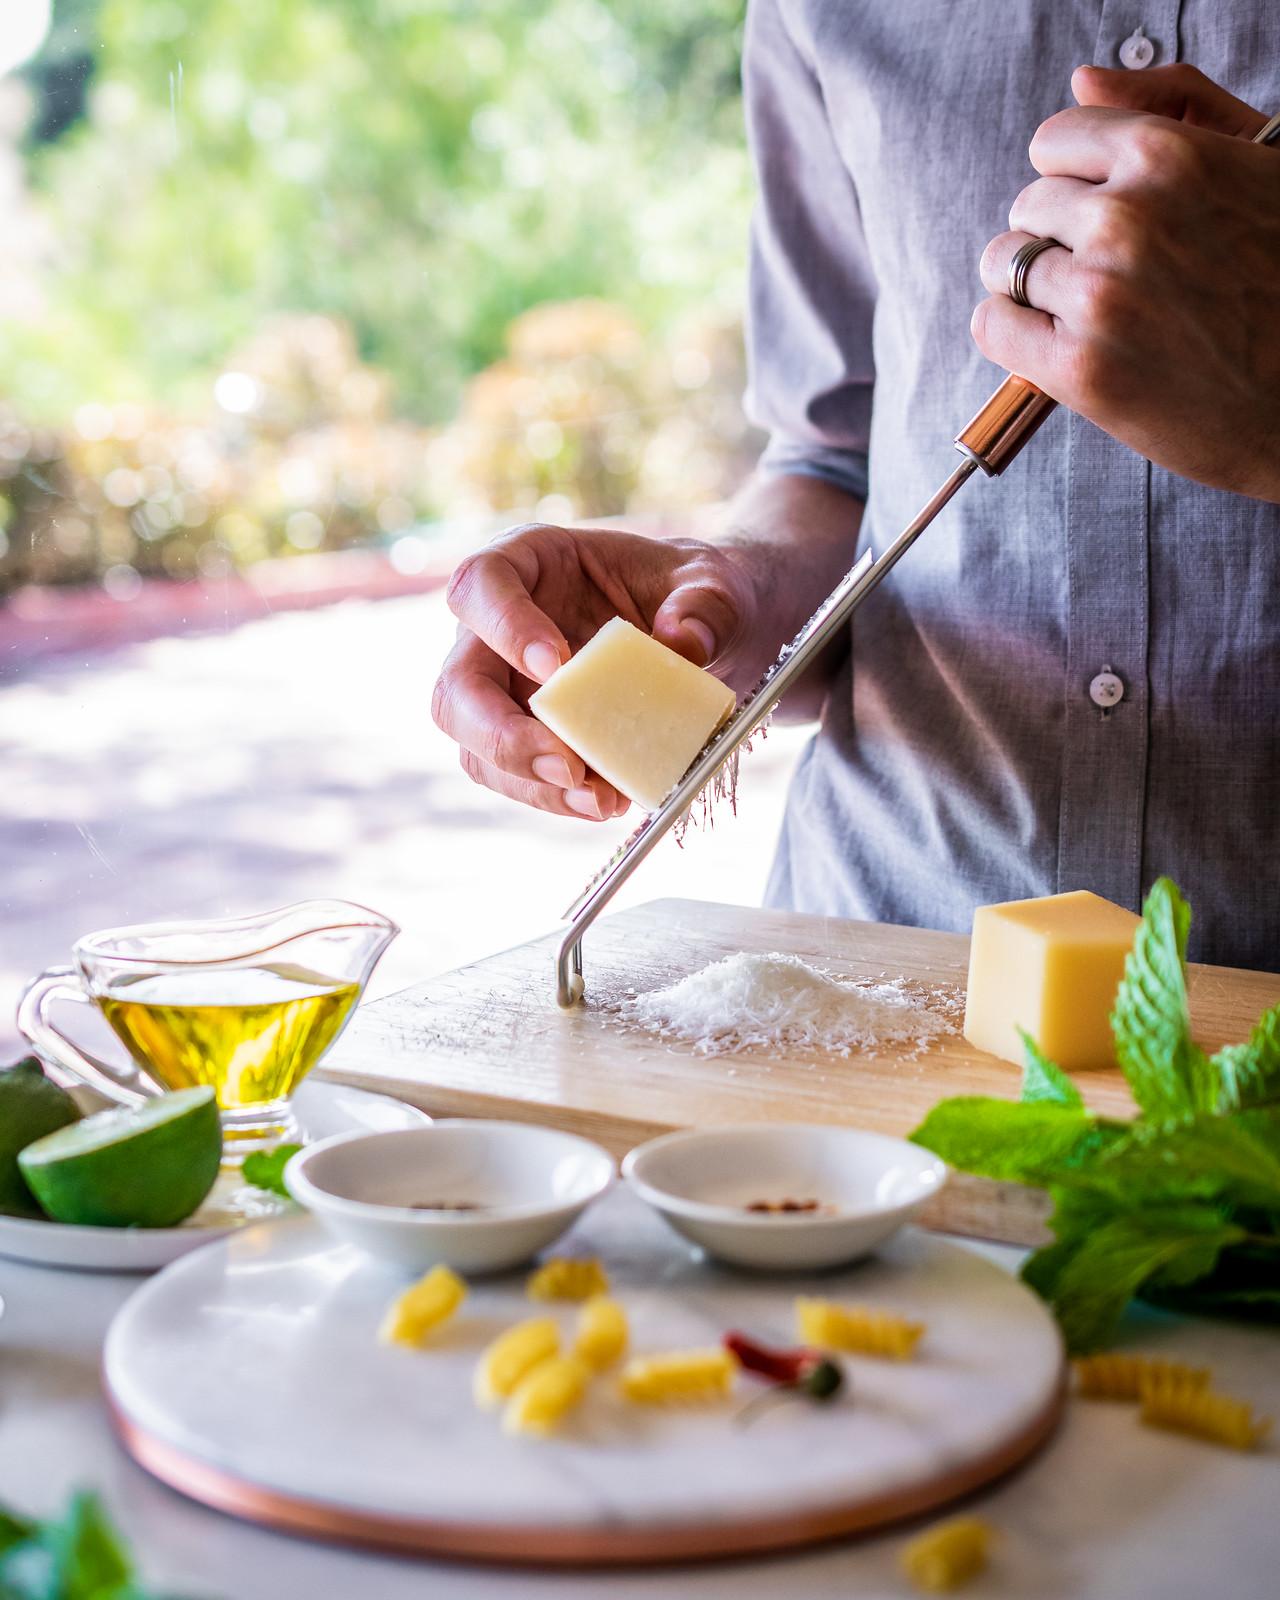 this recipe uses parmesan and pecorino romano